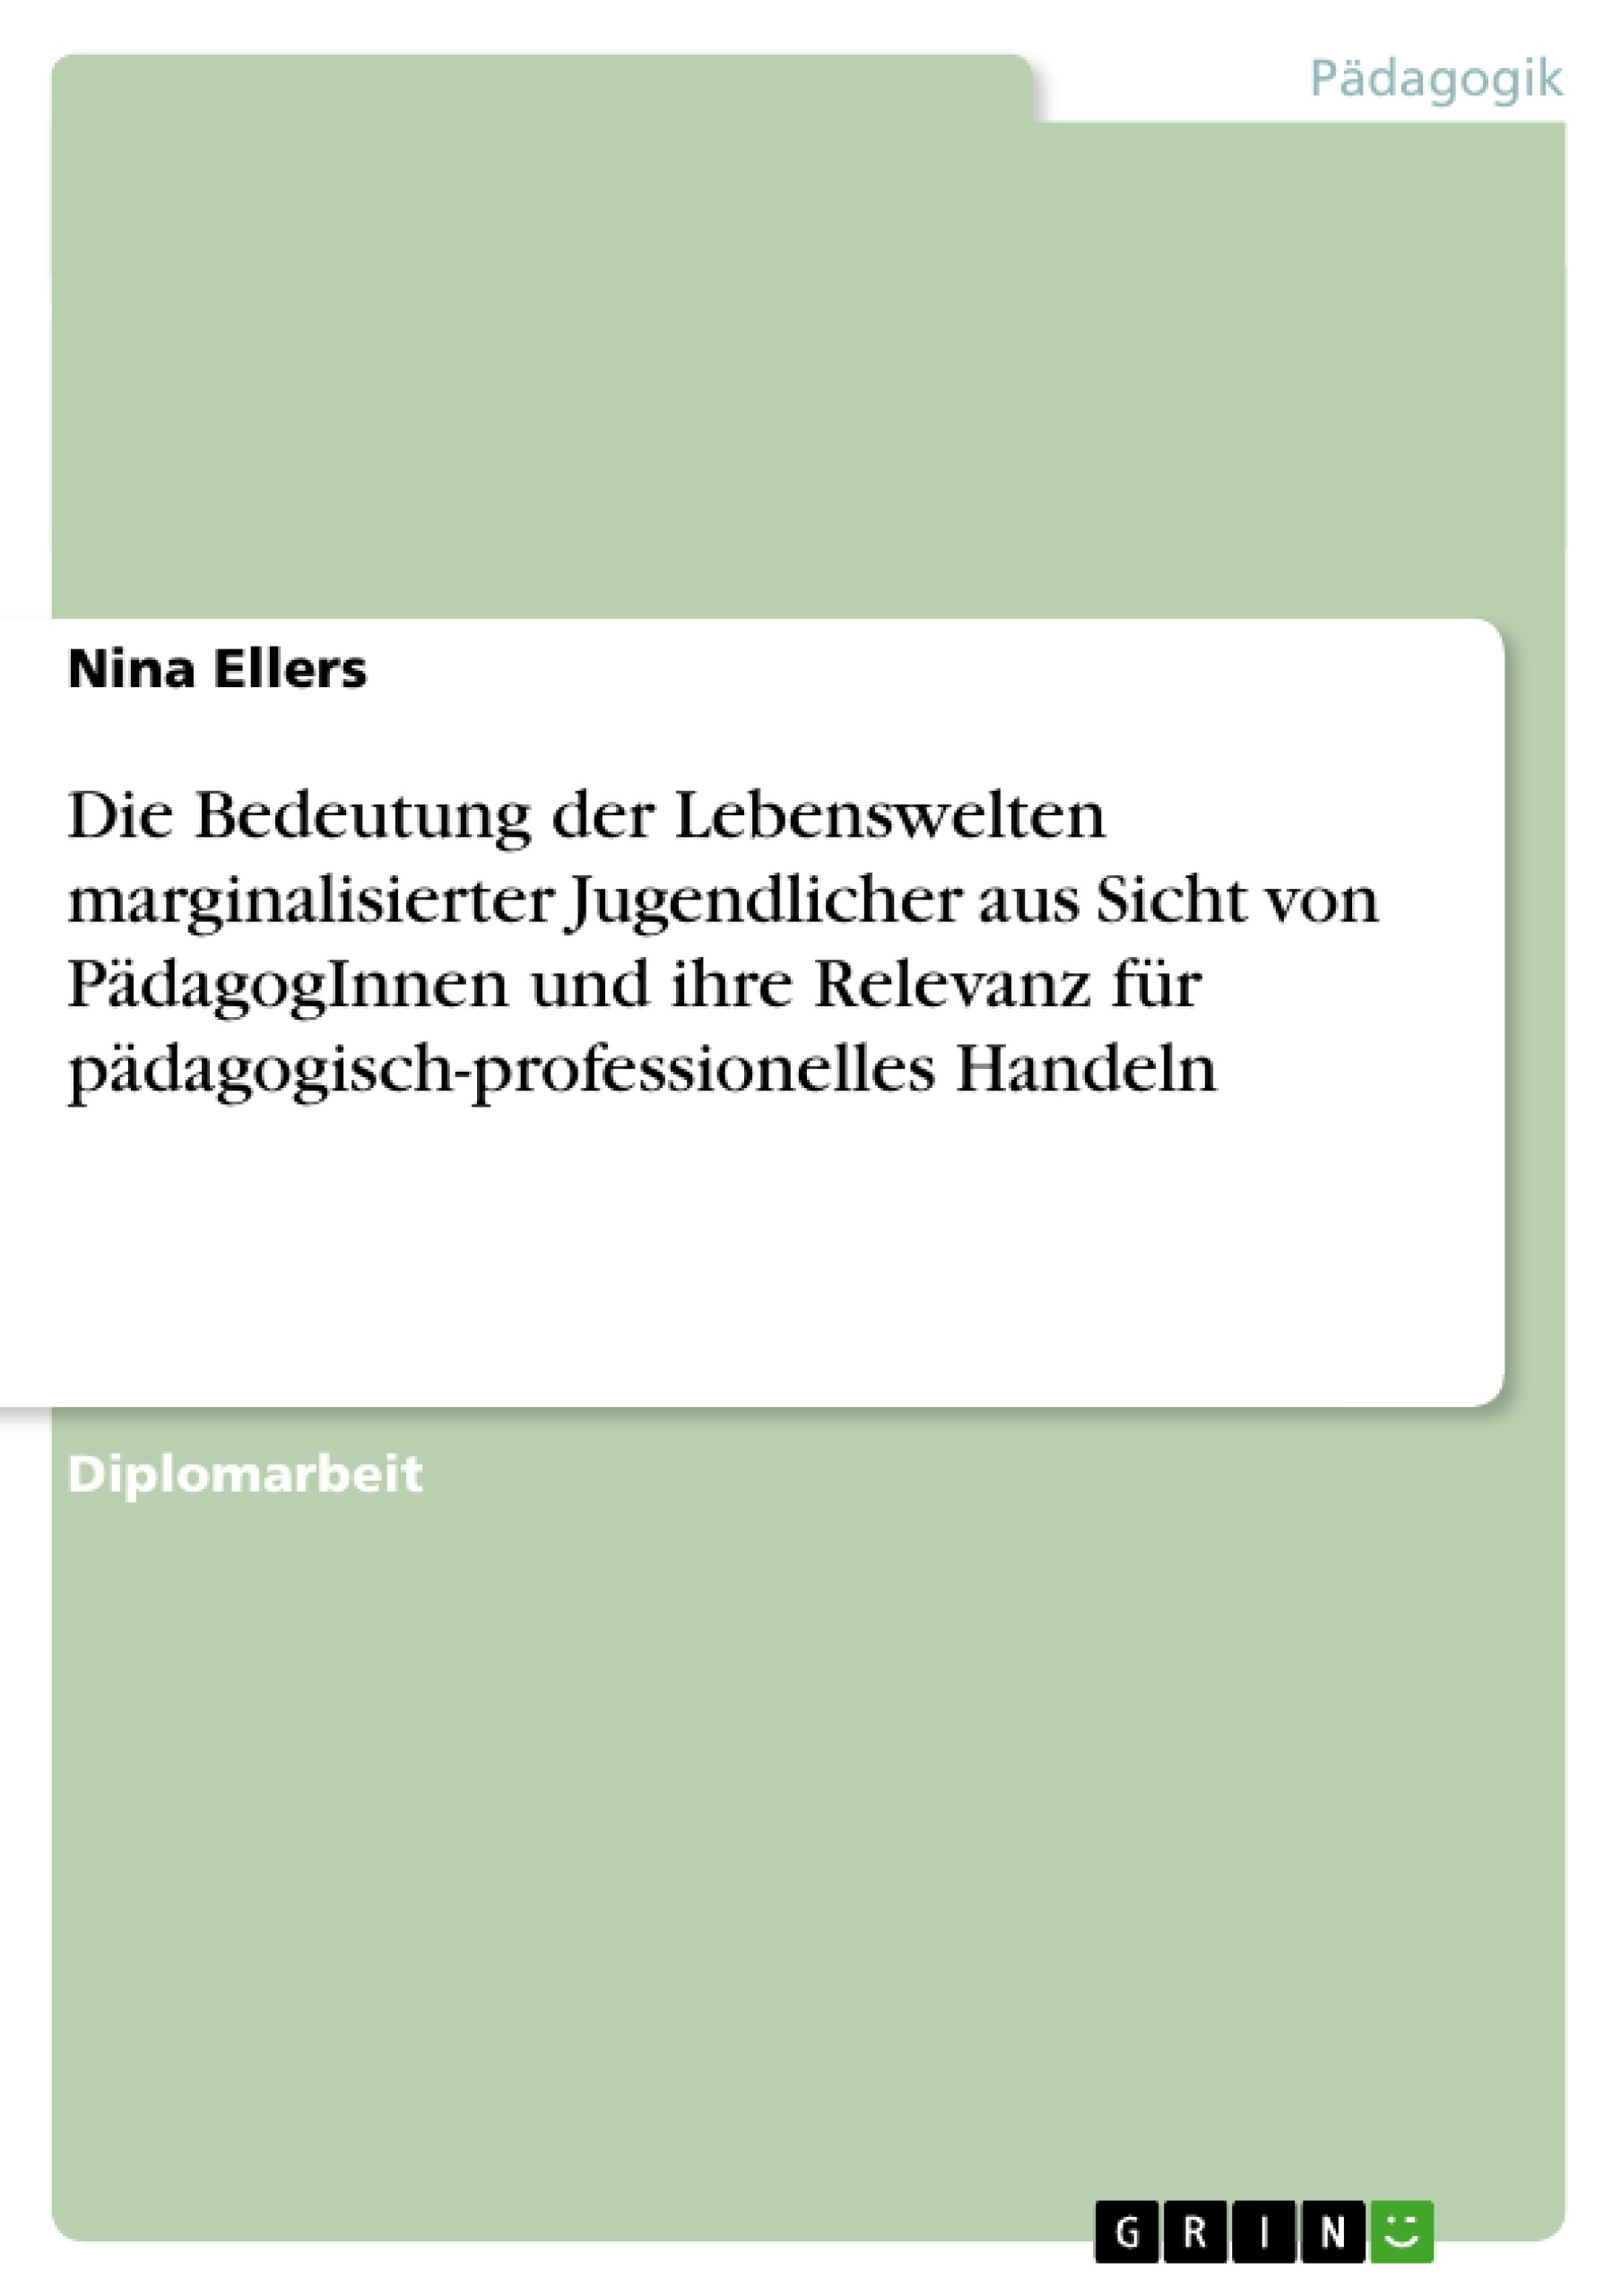 Titel: Die Bedeutung der Lebenswelten marginalisierter Jugendlicher aus Sicht von PädagogInnen und ihre Relevanz für pädagogisch-professionelles Handeln